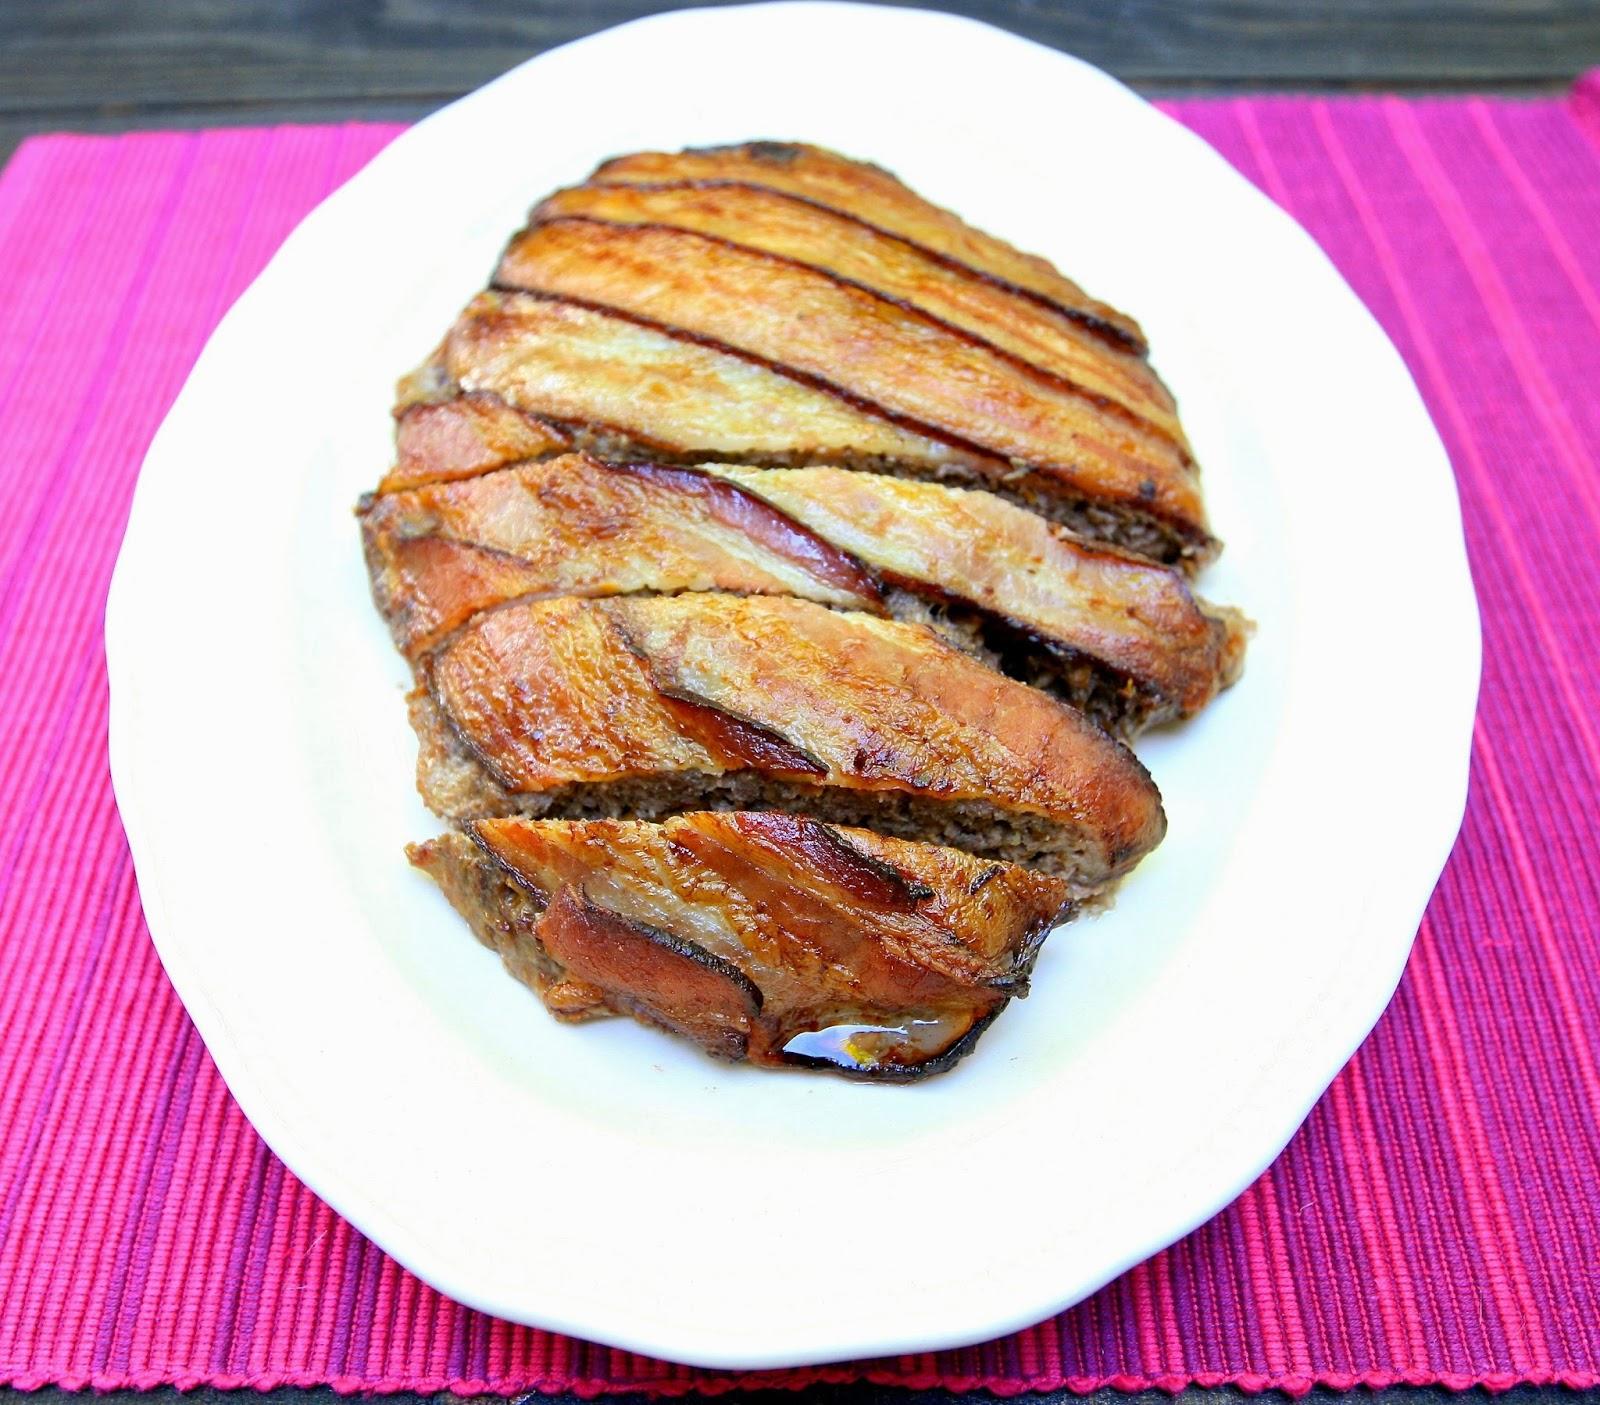 best meatloaf easy meatloaf make-ahead meatloaf recipe bacon wrapped meatloaf